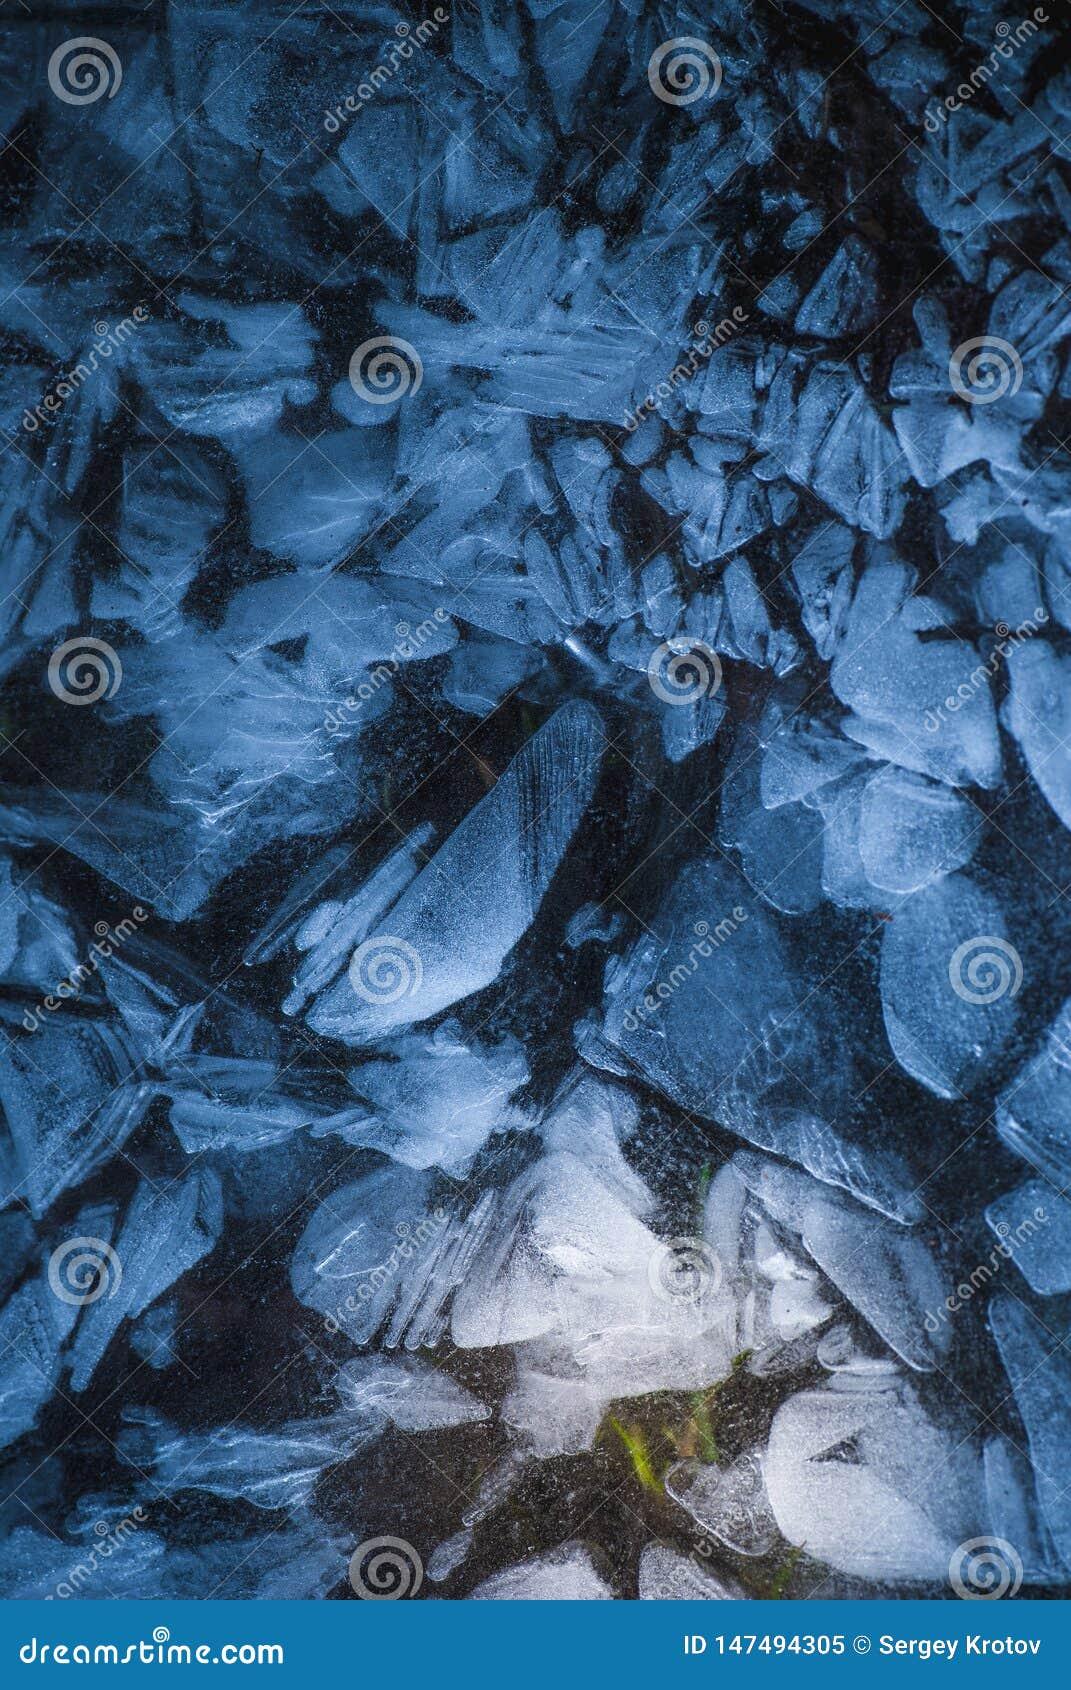 Red de grietas en la capa congelada sólida gruesa de hielo con la luz brillante y la hierba verde en el profundo